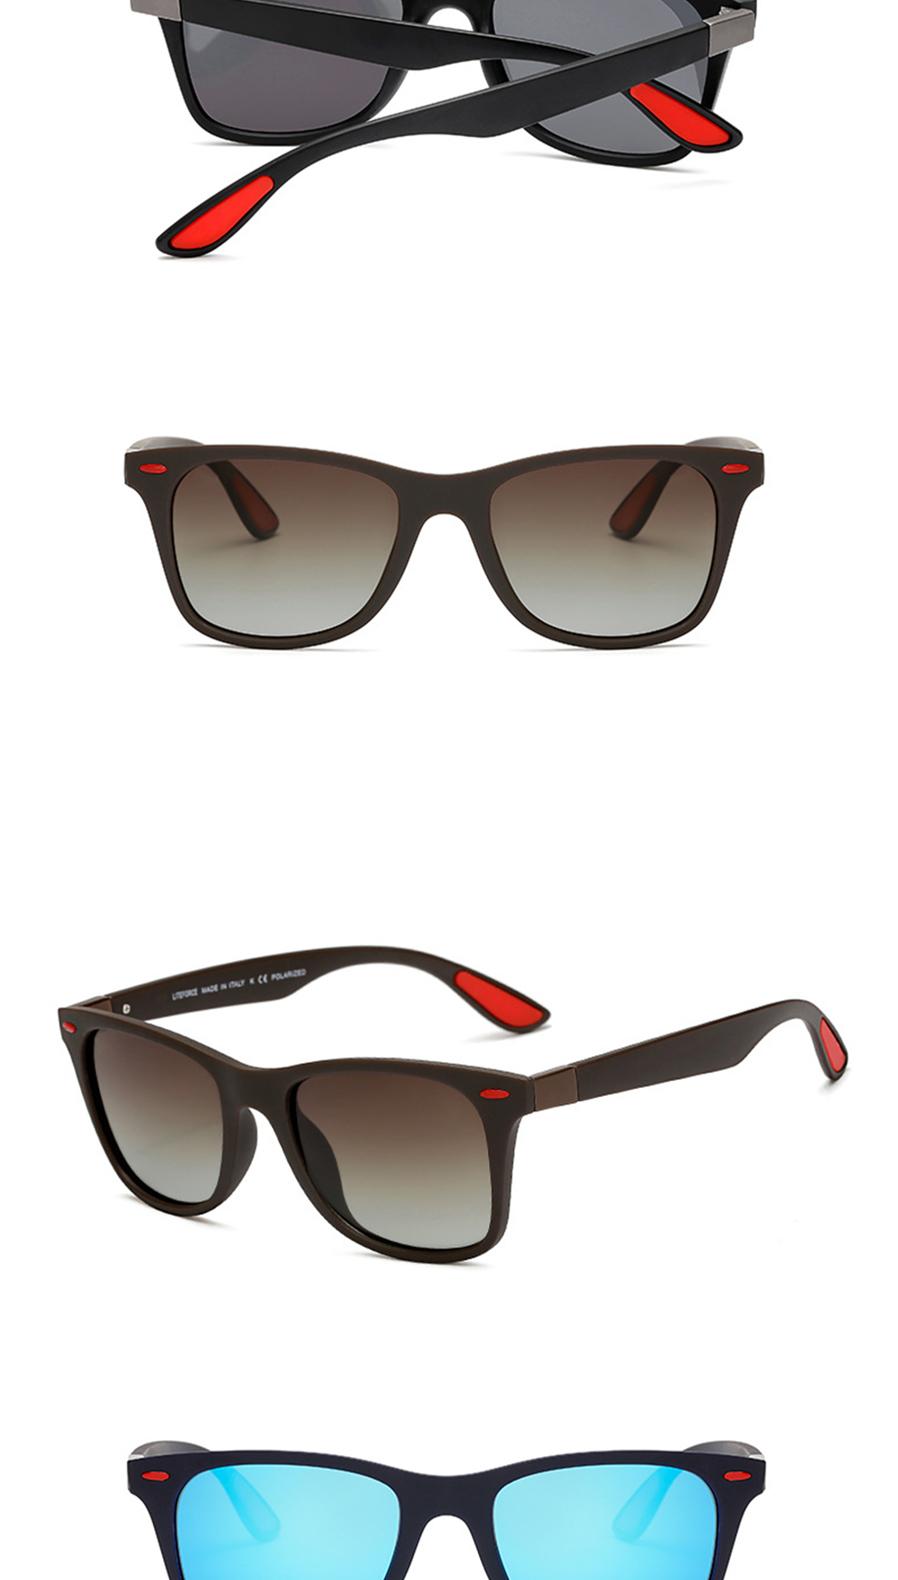 nya TR90 män och kvinnor polariserade solglasögon 1.1 lins ... 4caf18042d7dc